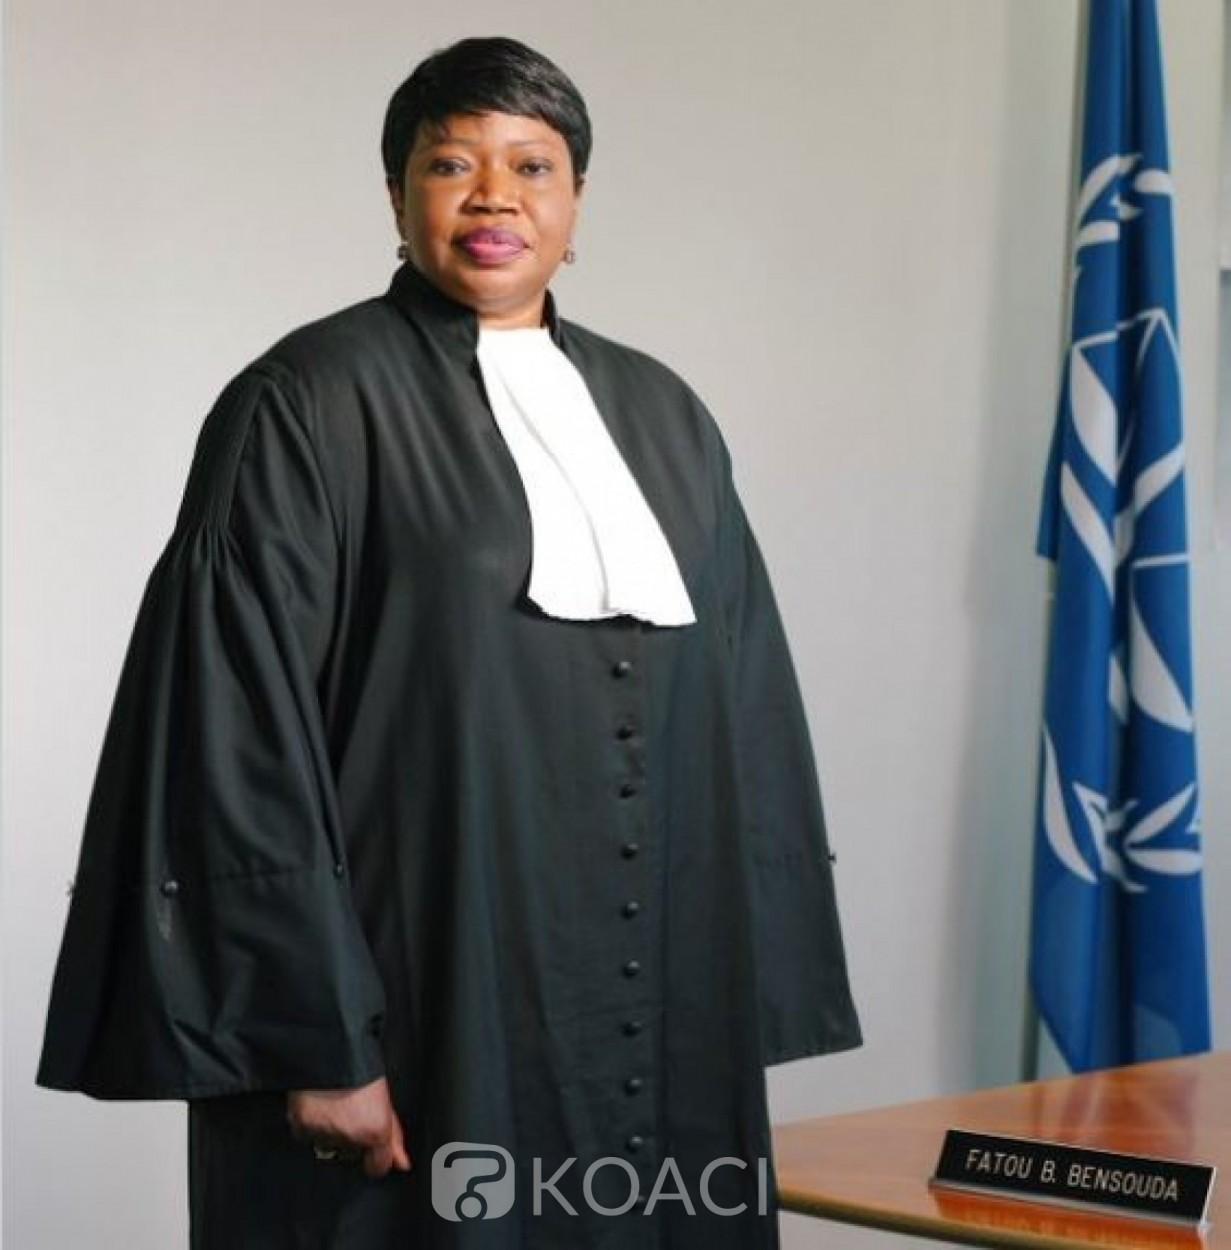 Côte d'Ivoire : Bensouda prend acte de son échec dans l'affaire  Gbagbo et Blé Goudé, et réaffirme que les enquêtes se poursuivent dans le pays